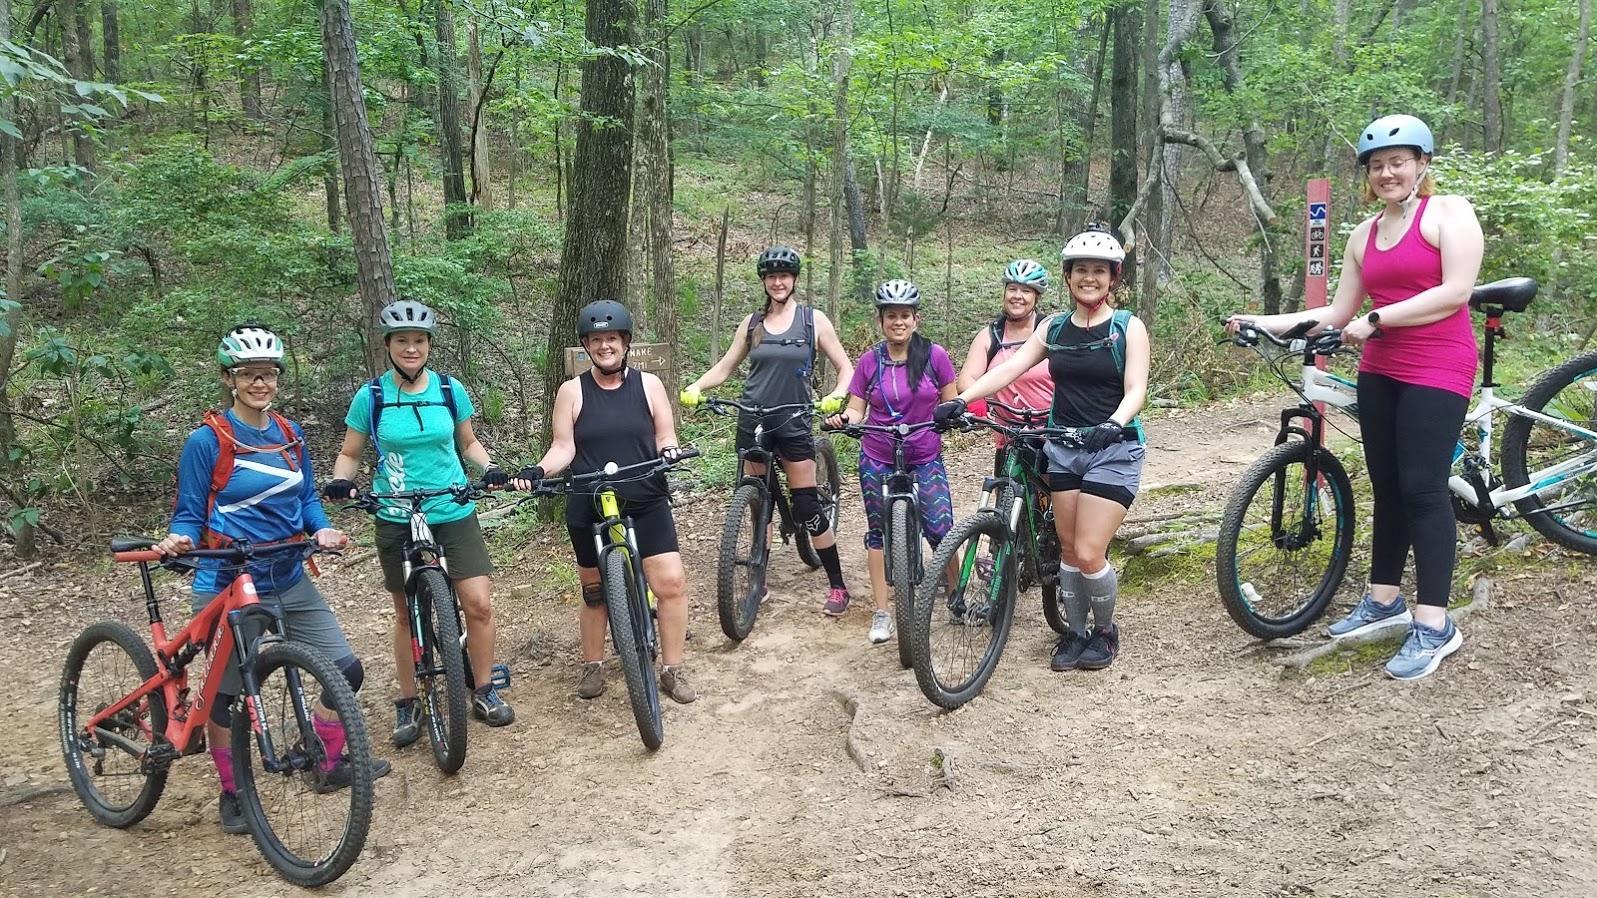 Ladies ride